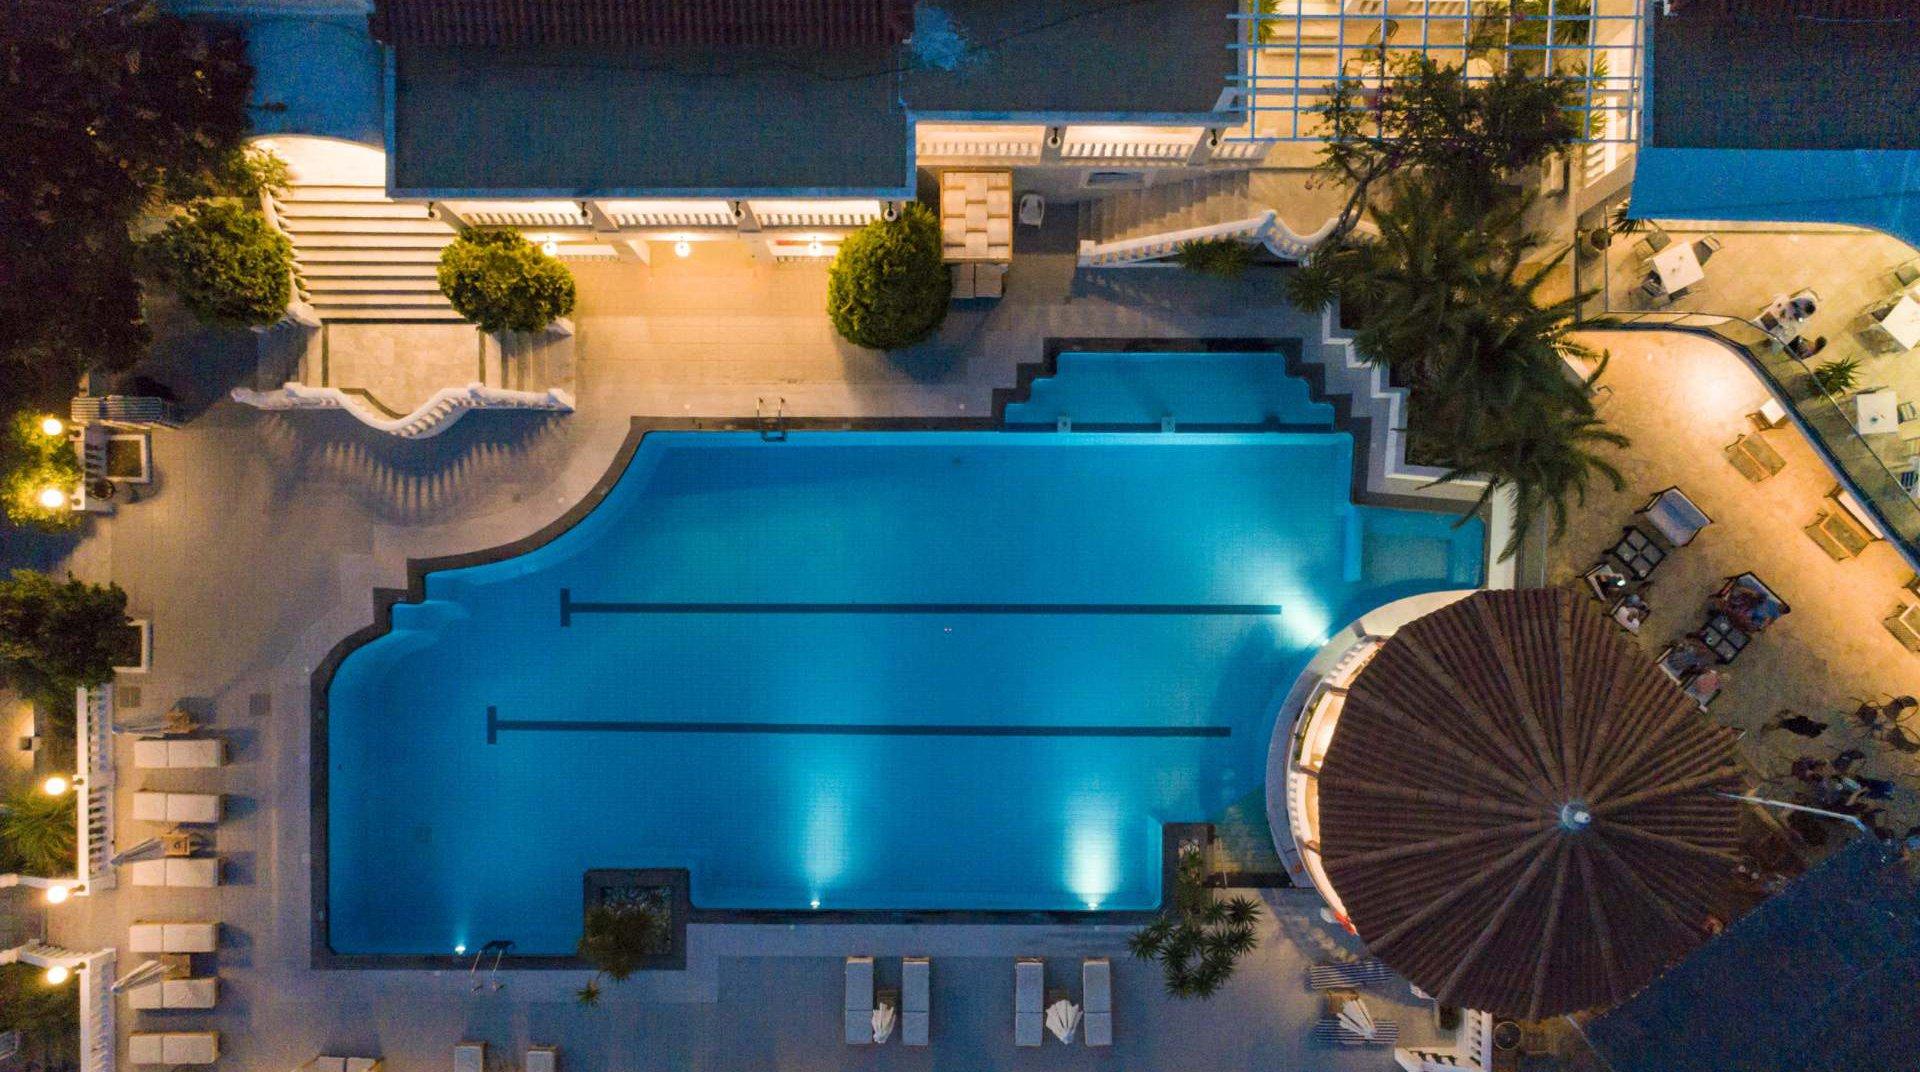 Η πισίνα μας από την κορυφή, μαζί με το pool bar μας